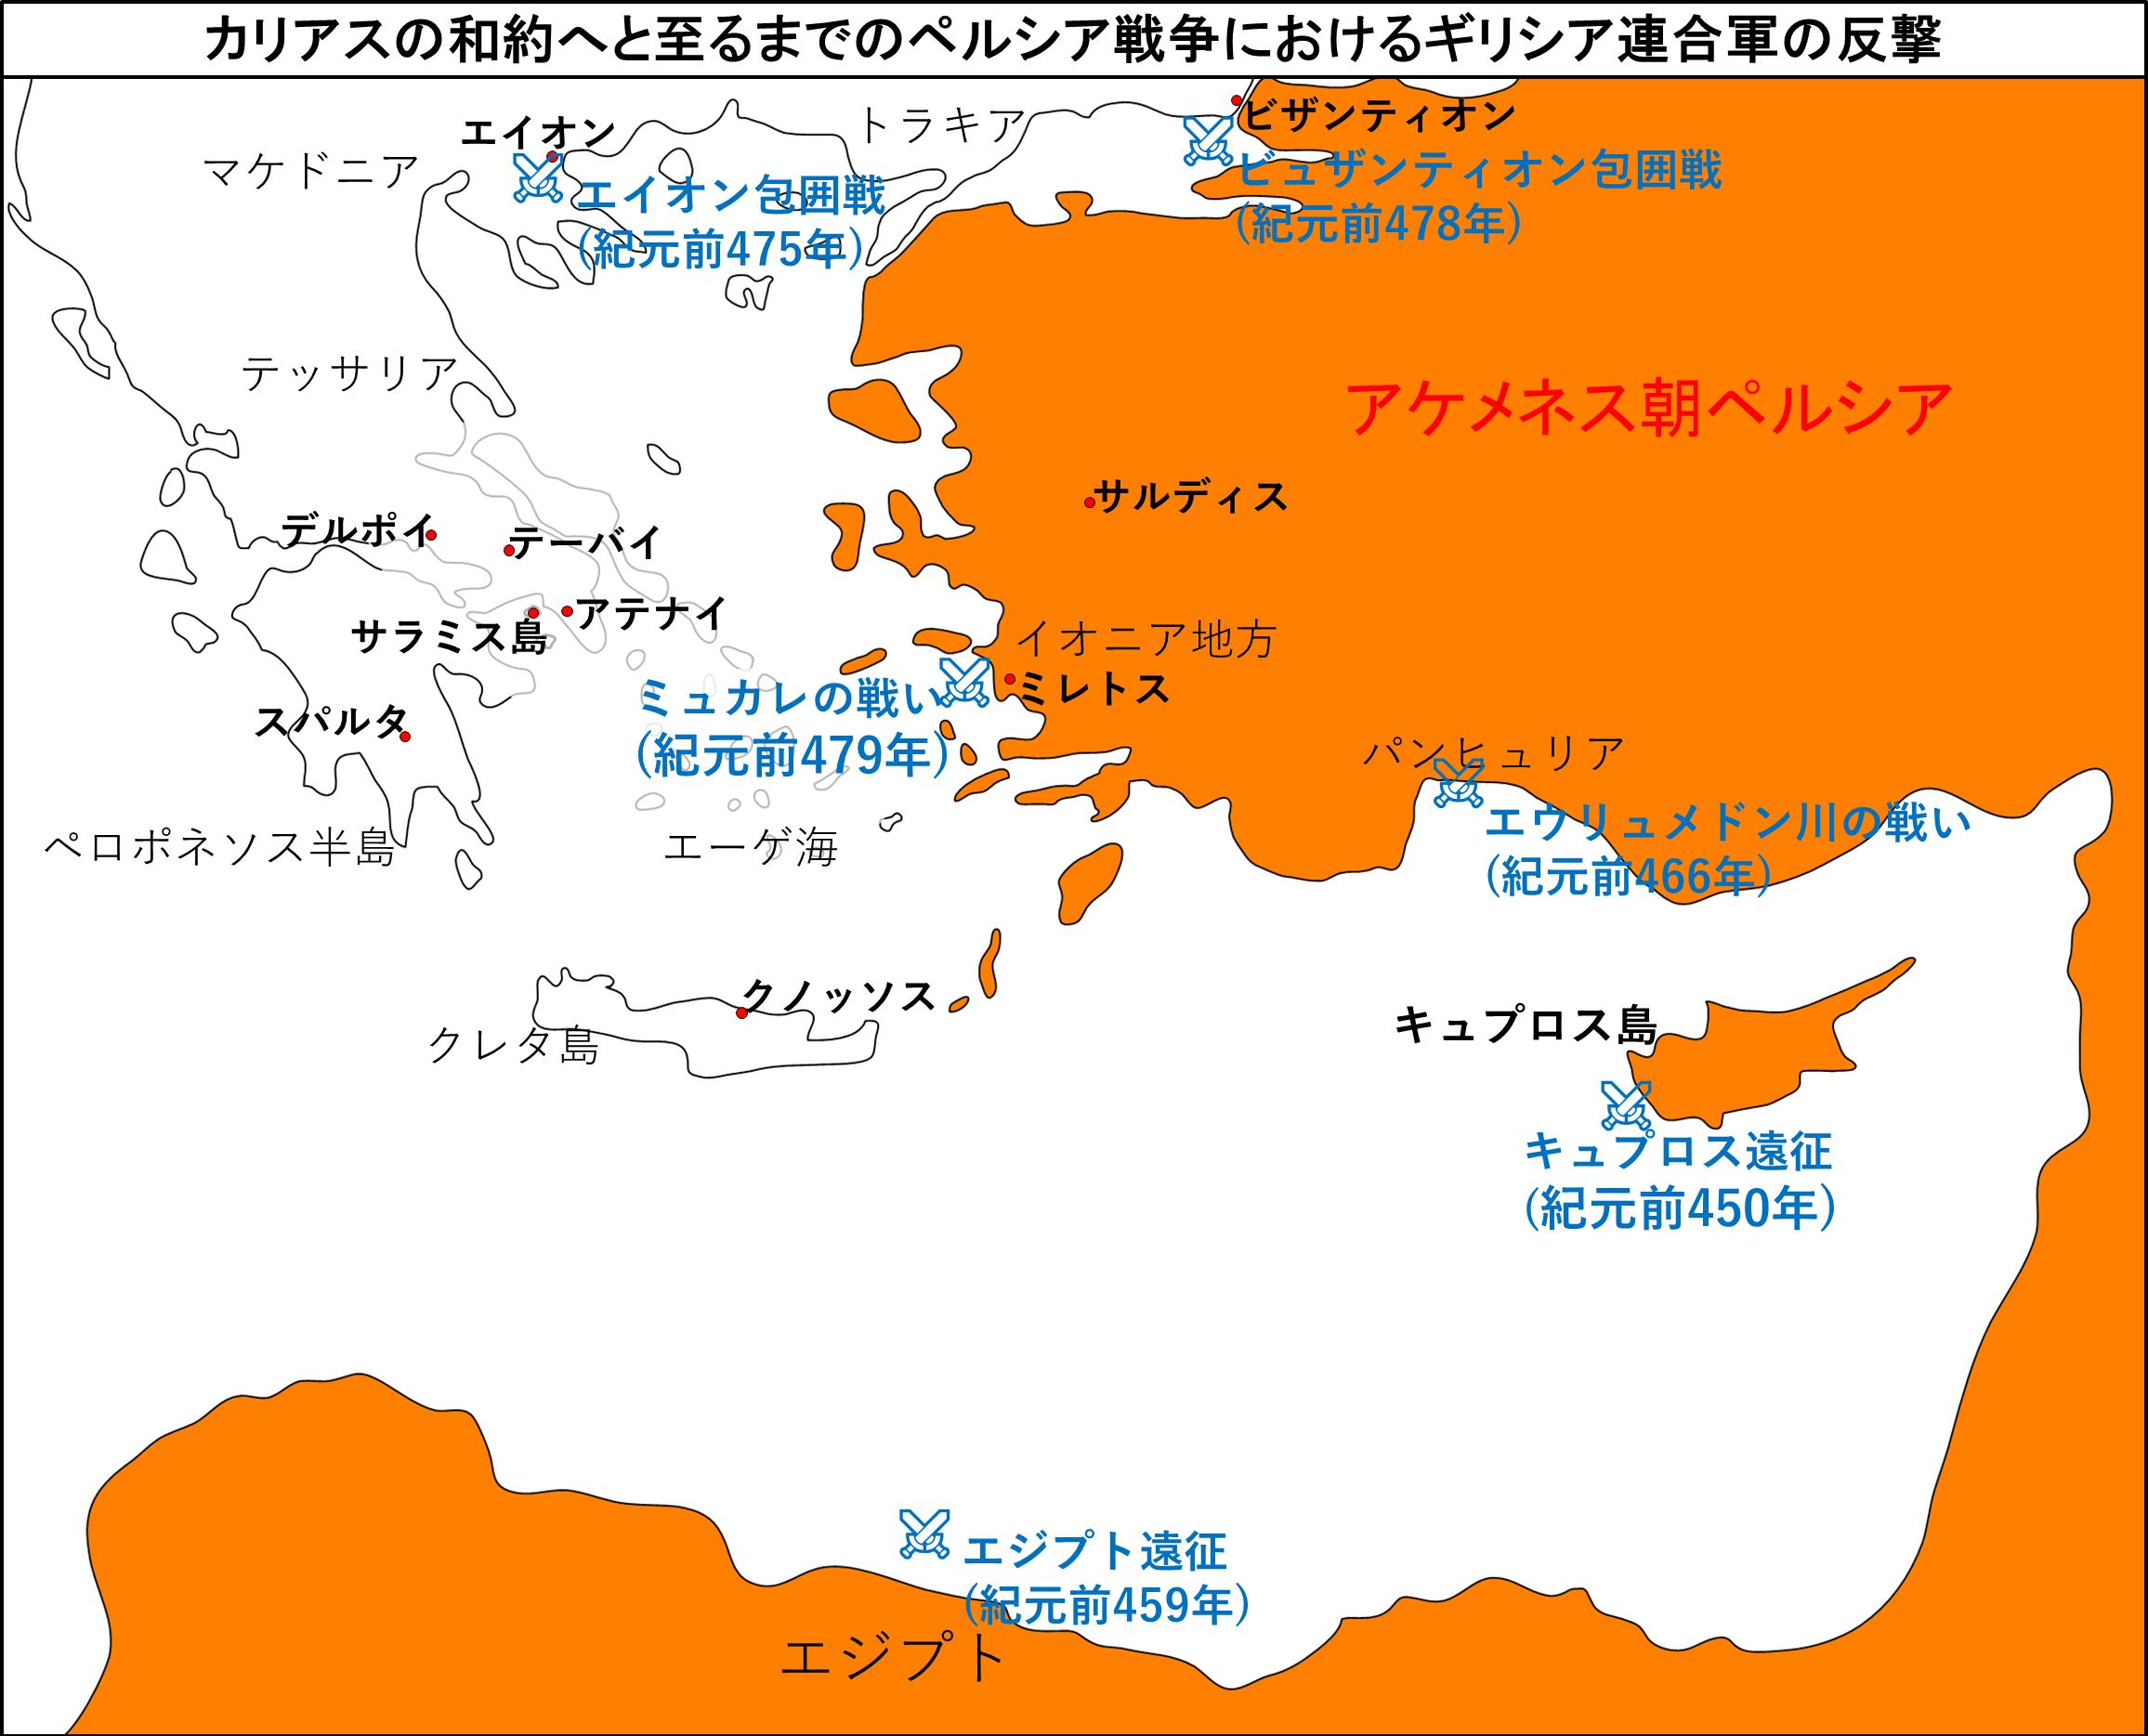 カリアスの和約へと至るまでのペルシア戦争におけるギリシア連合軍の反撃